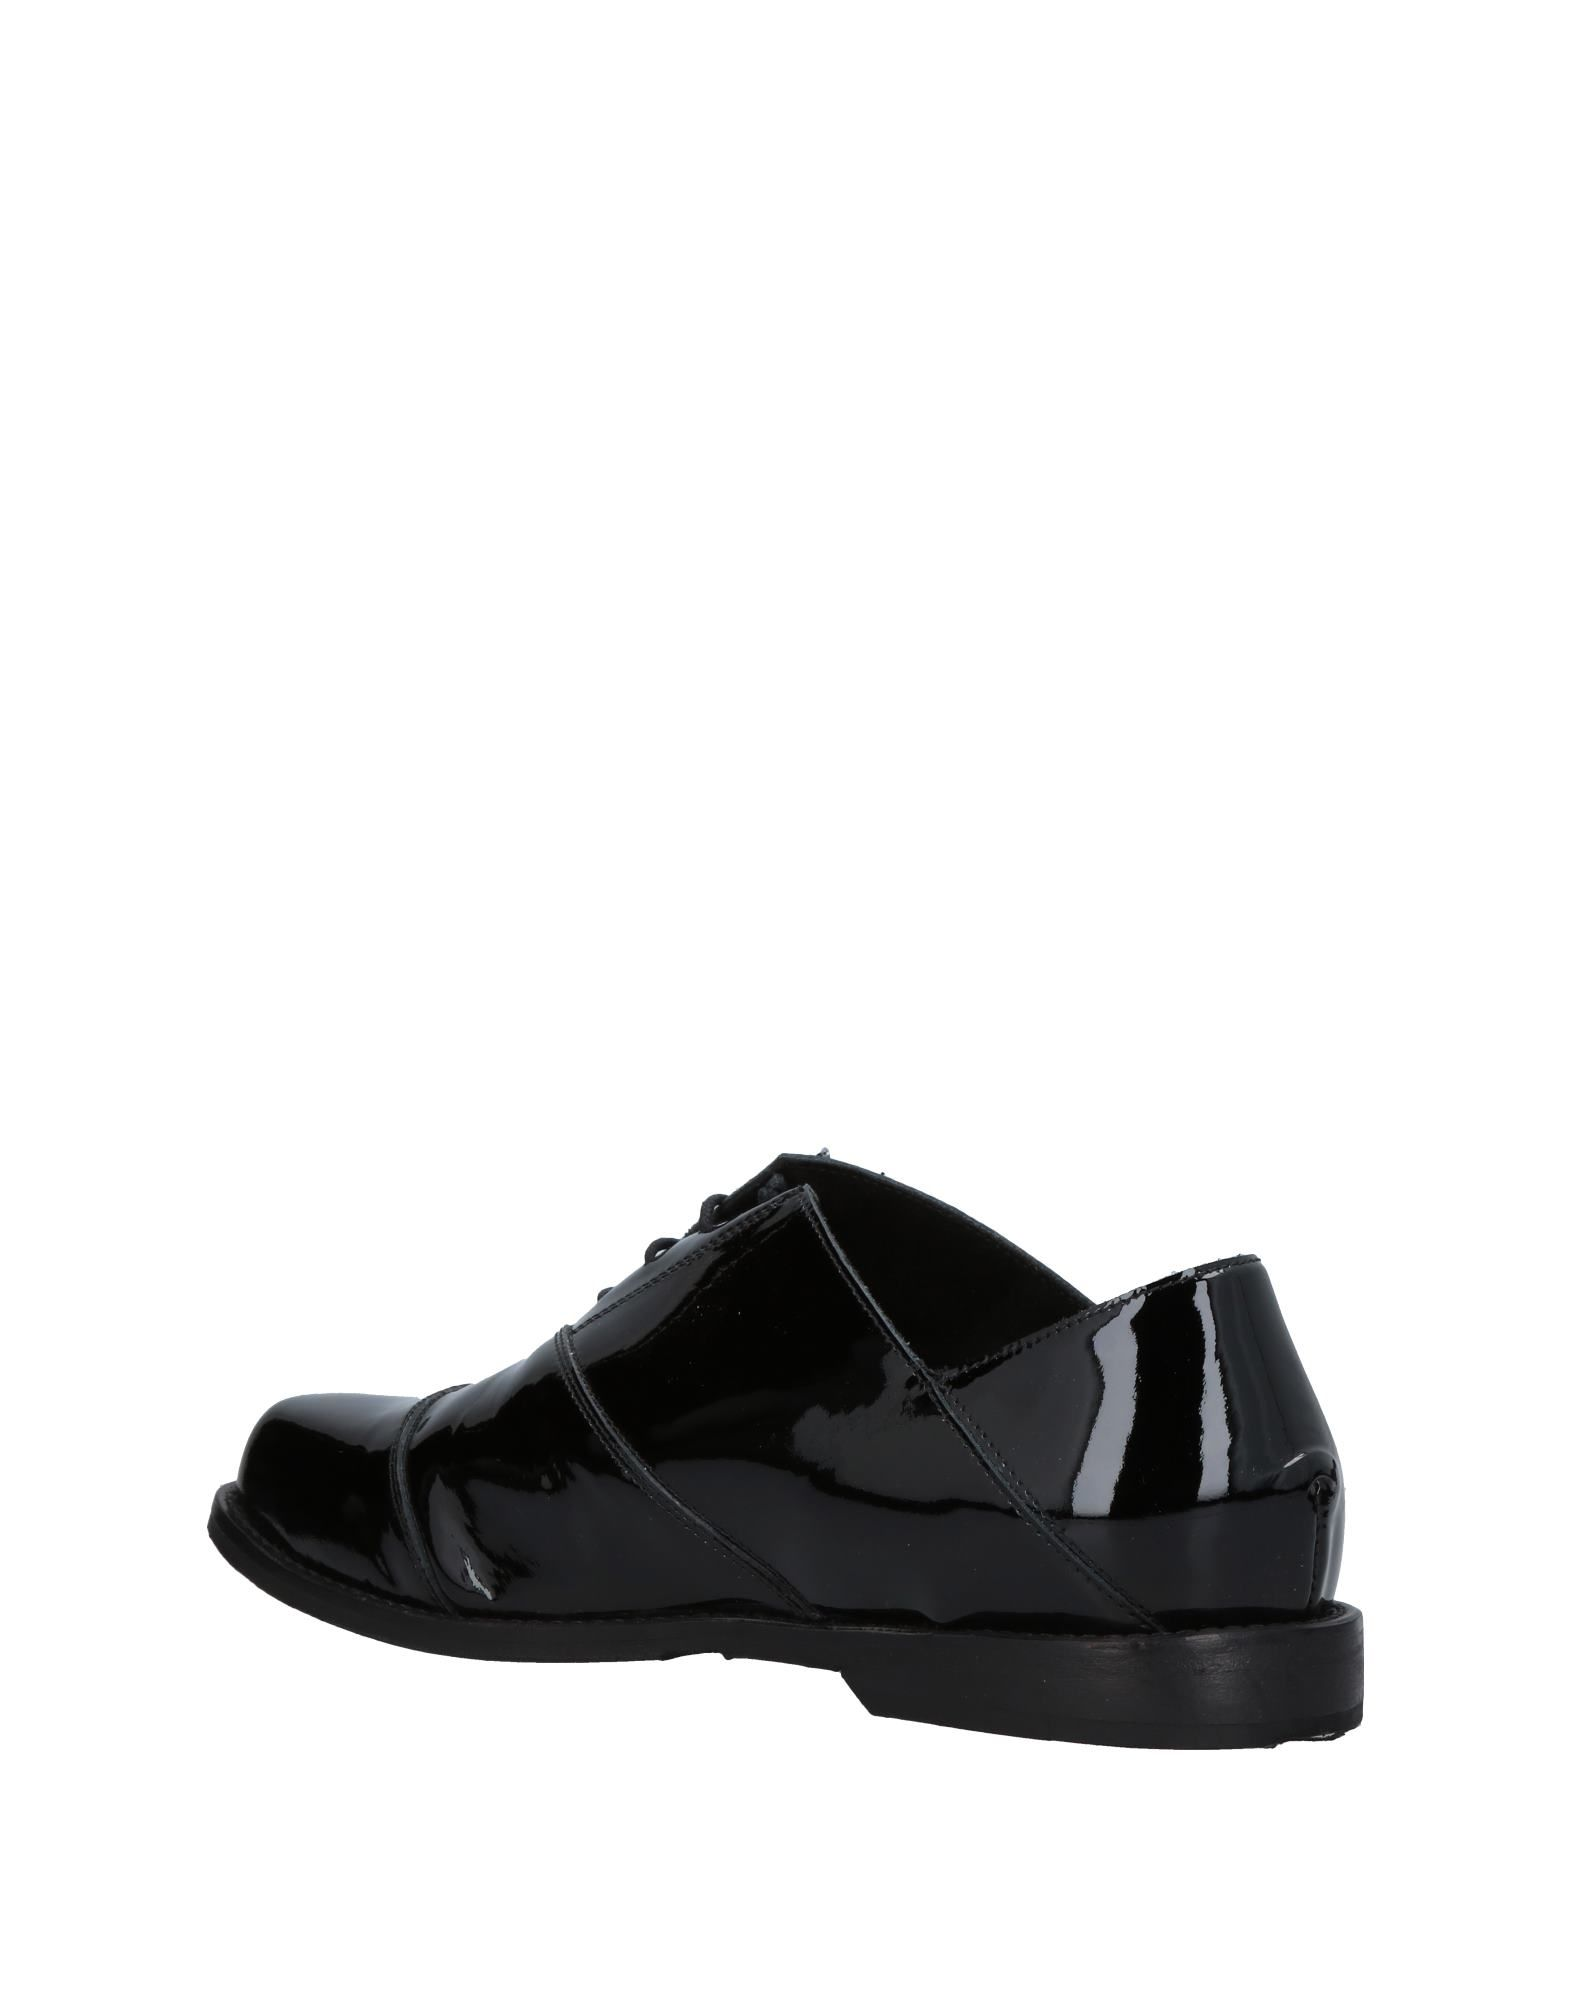 Chaussures À Lacets Peter Non Homme - Chaussures À Lacets Peter Non sur